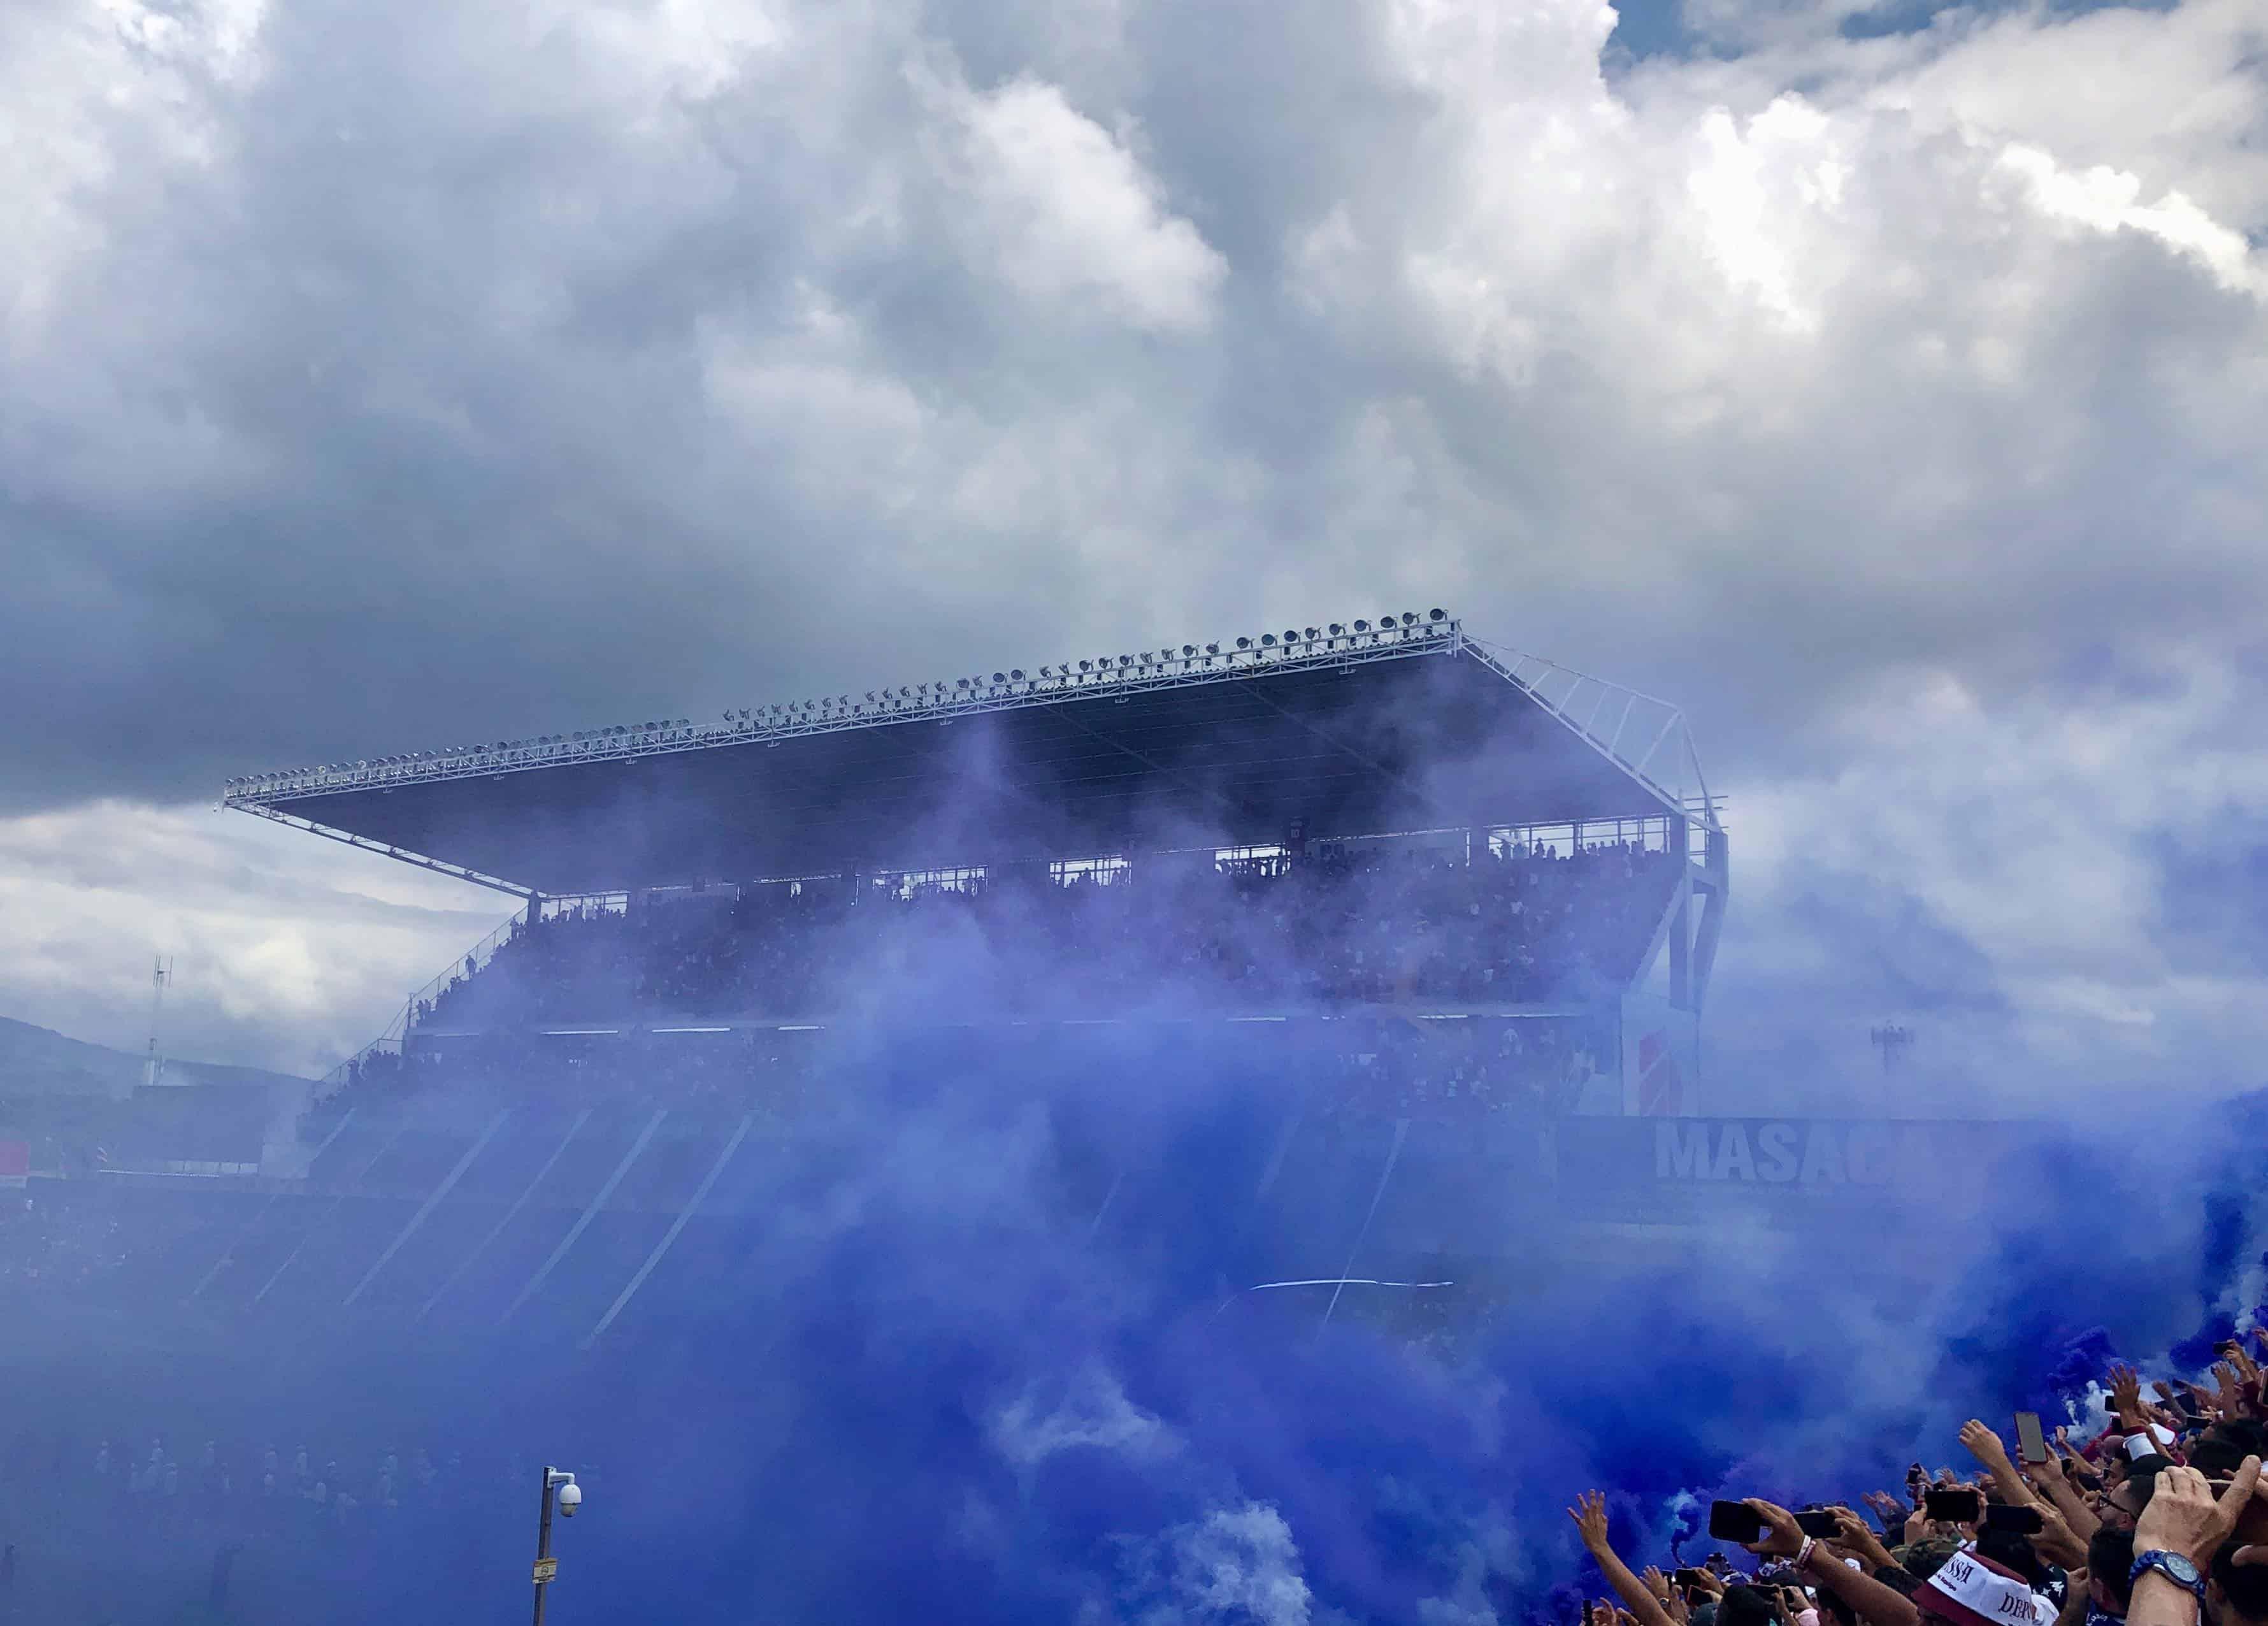 Saprissa vs. Liga Deportiva Alajuelense